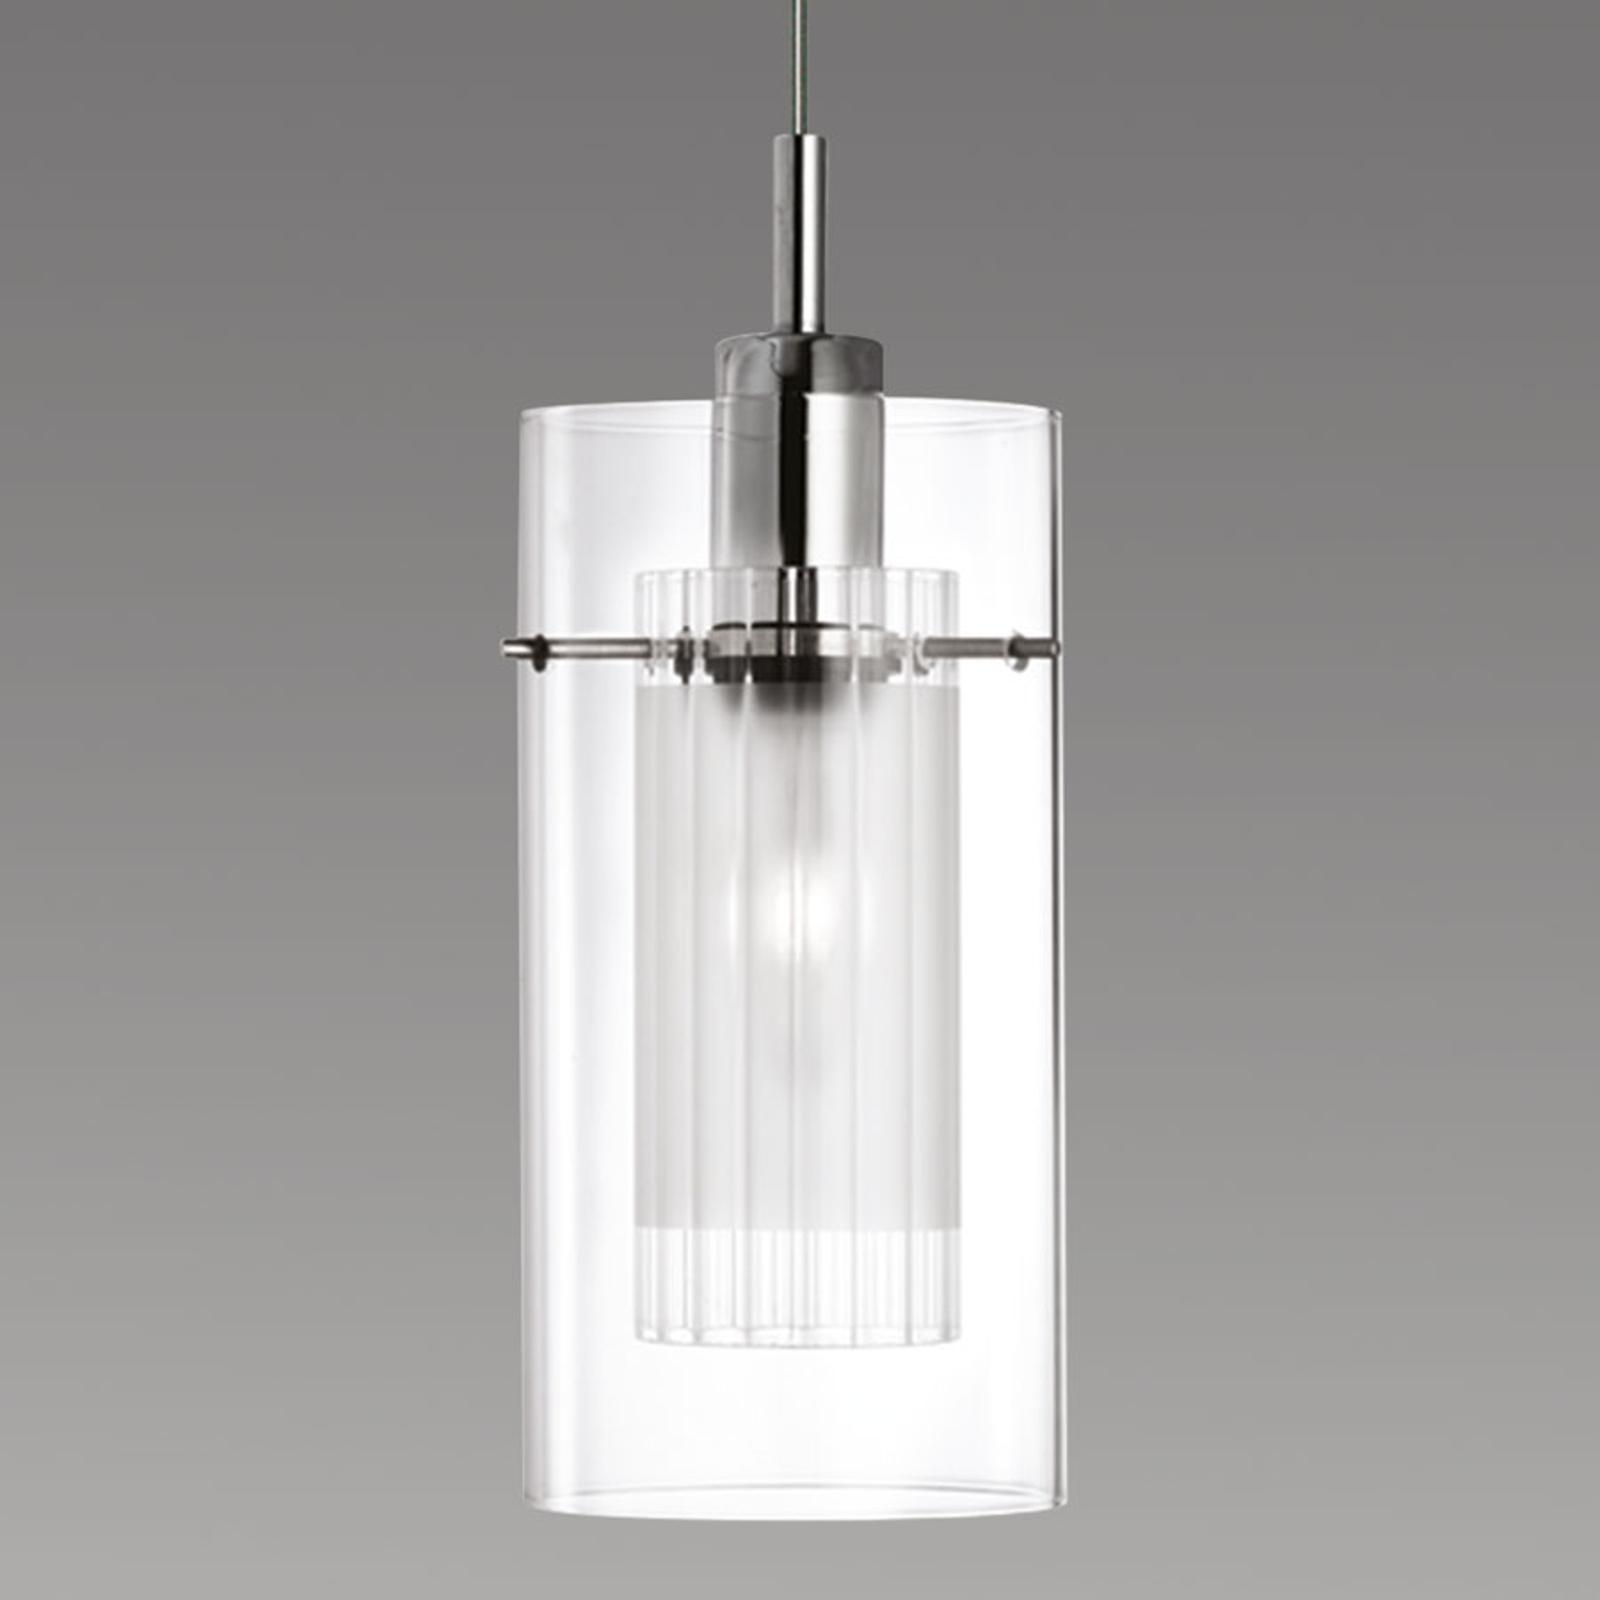 Dekoracyjna lampa wisząca DUO 1, 1-punktowa